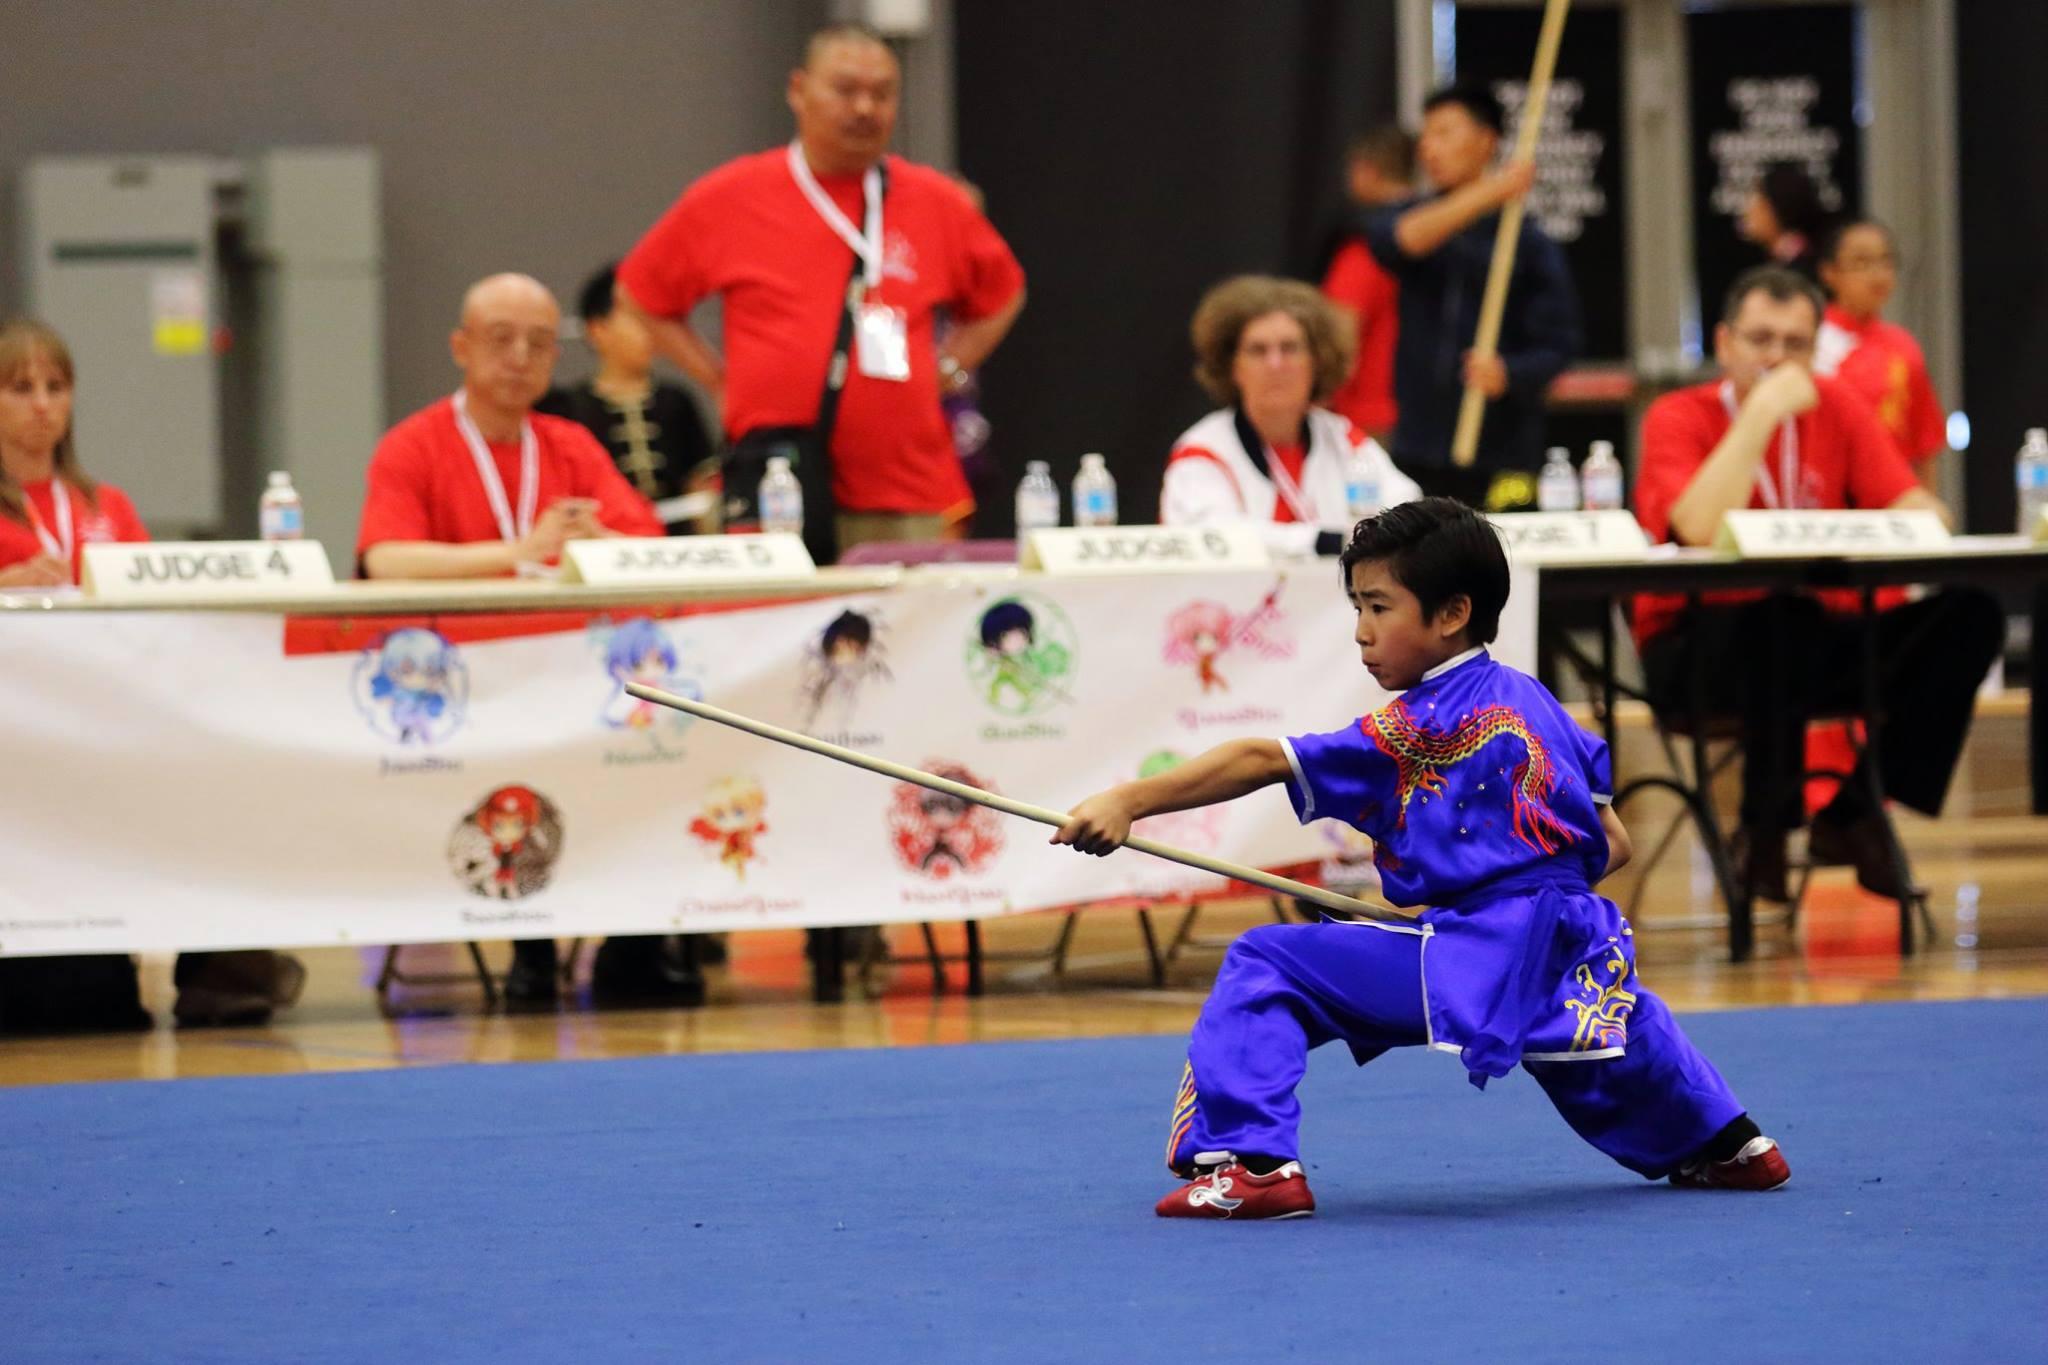 Kai-Hsin_Wayland_Li_Wushu_Staff_Gunshu_Canadian_National_Wushu_2016.jpg